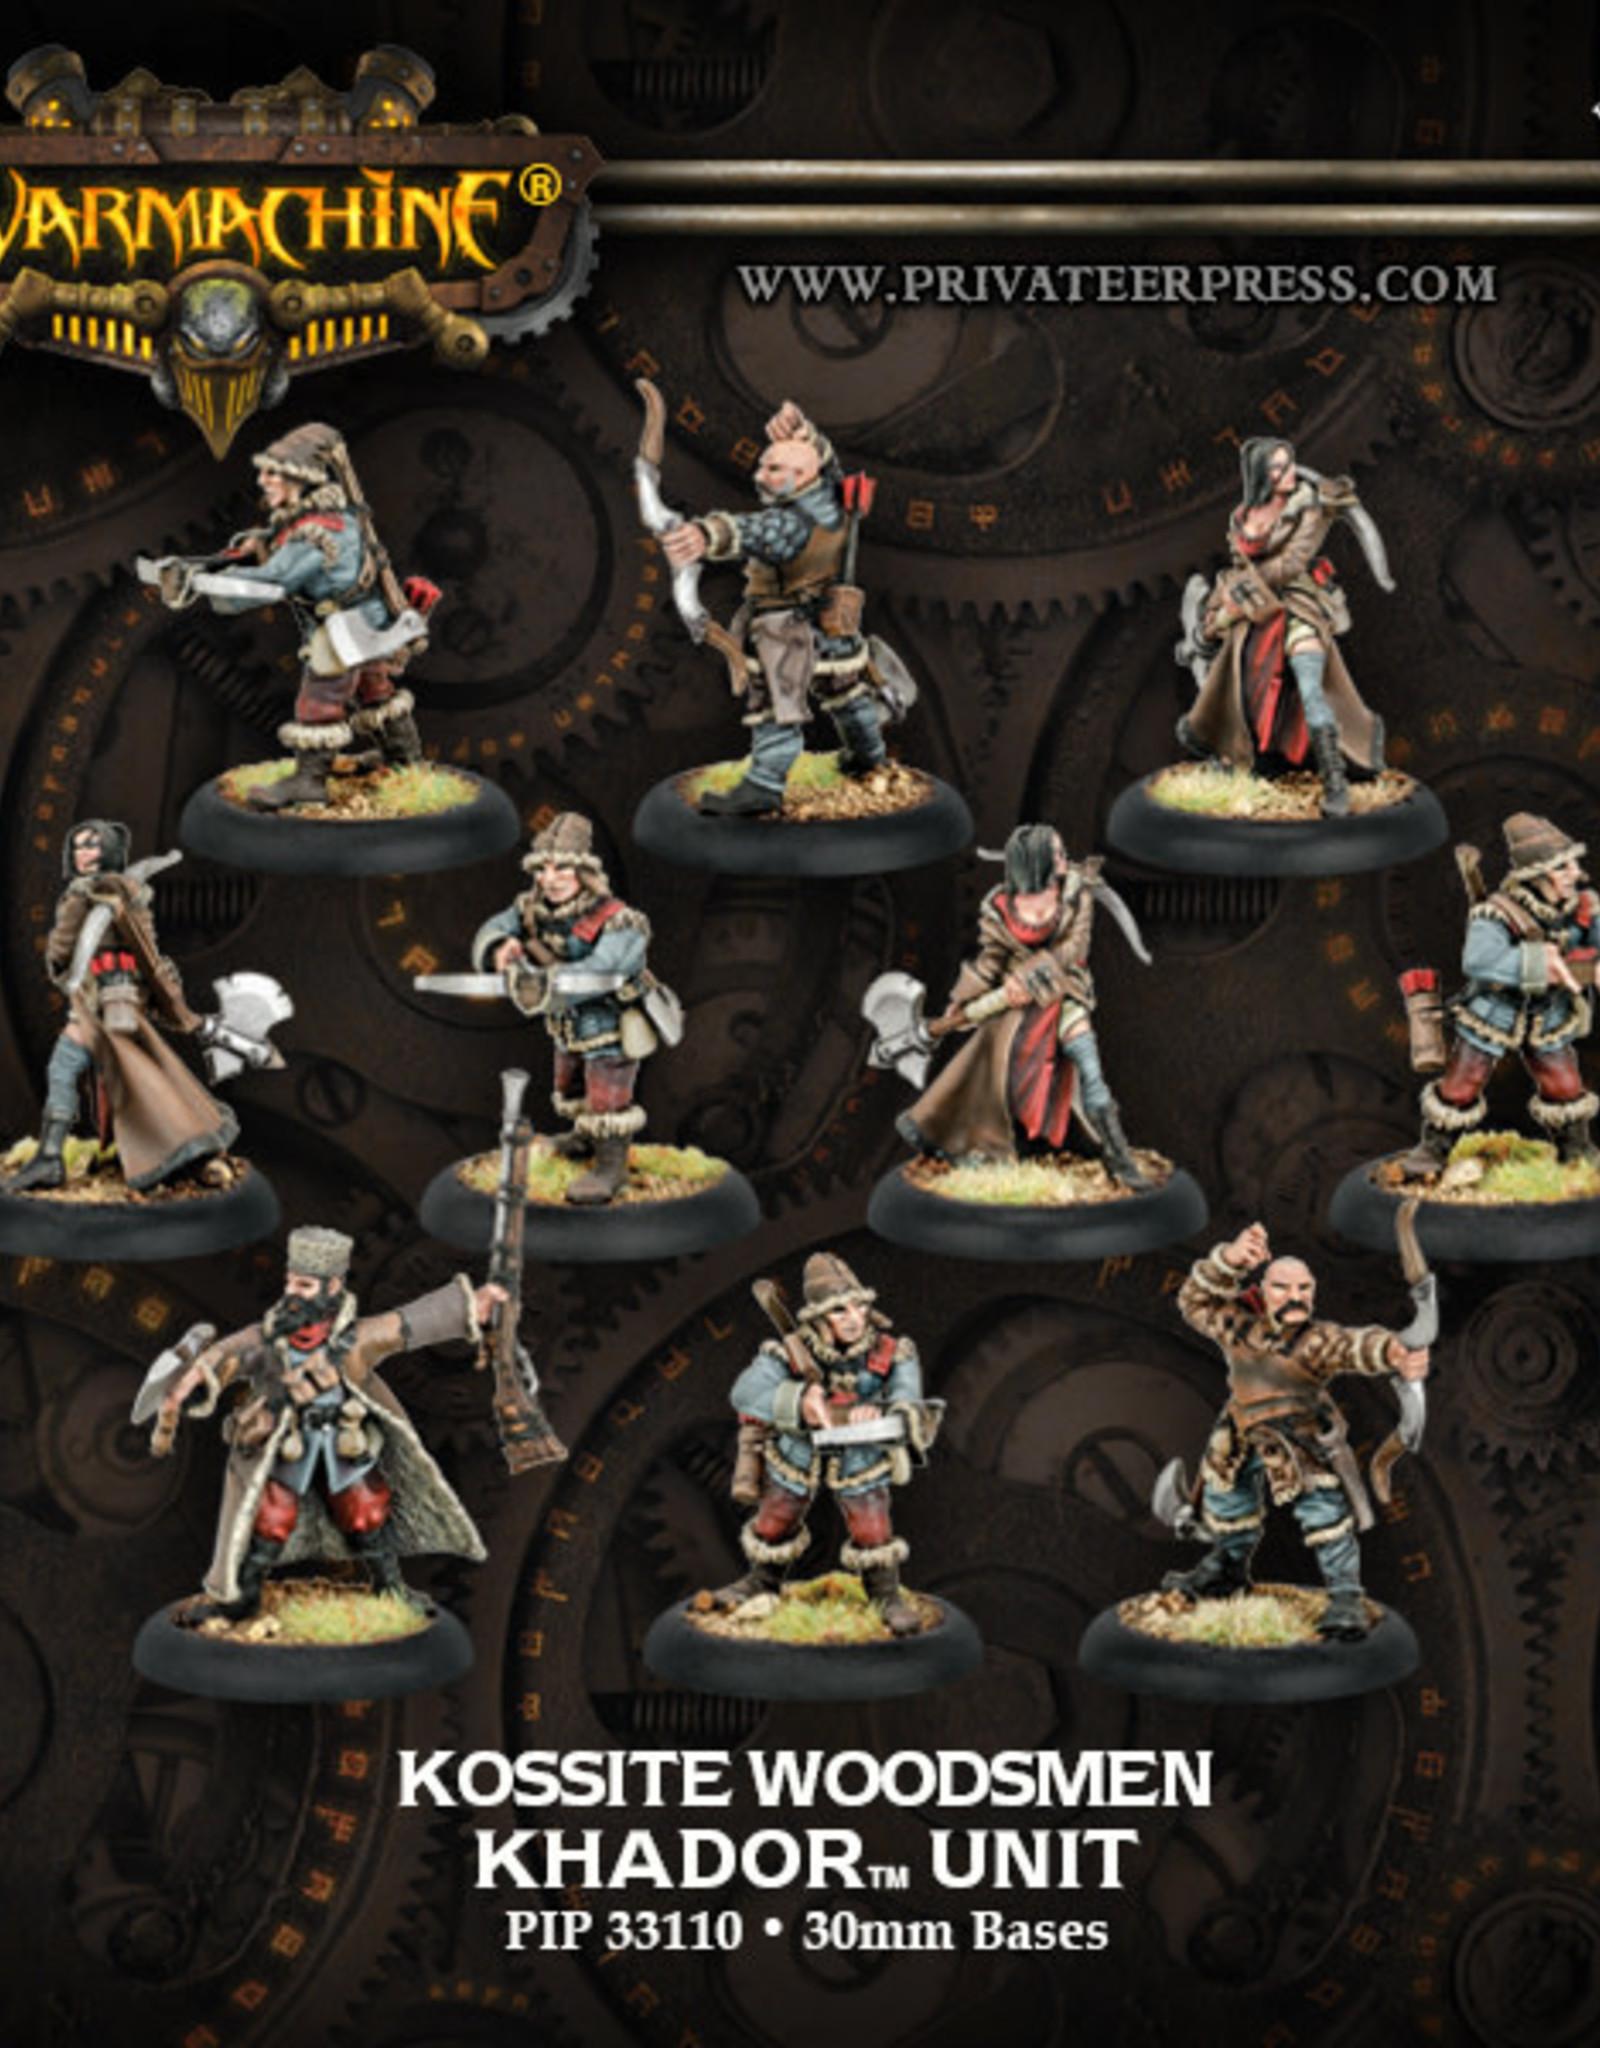 Warmachine Khador - Kossite Woodsmen Unit